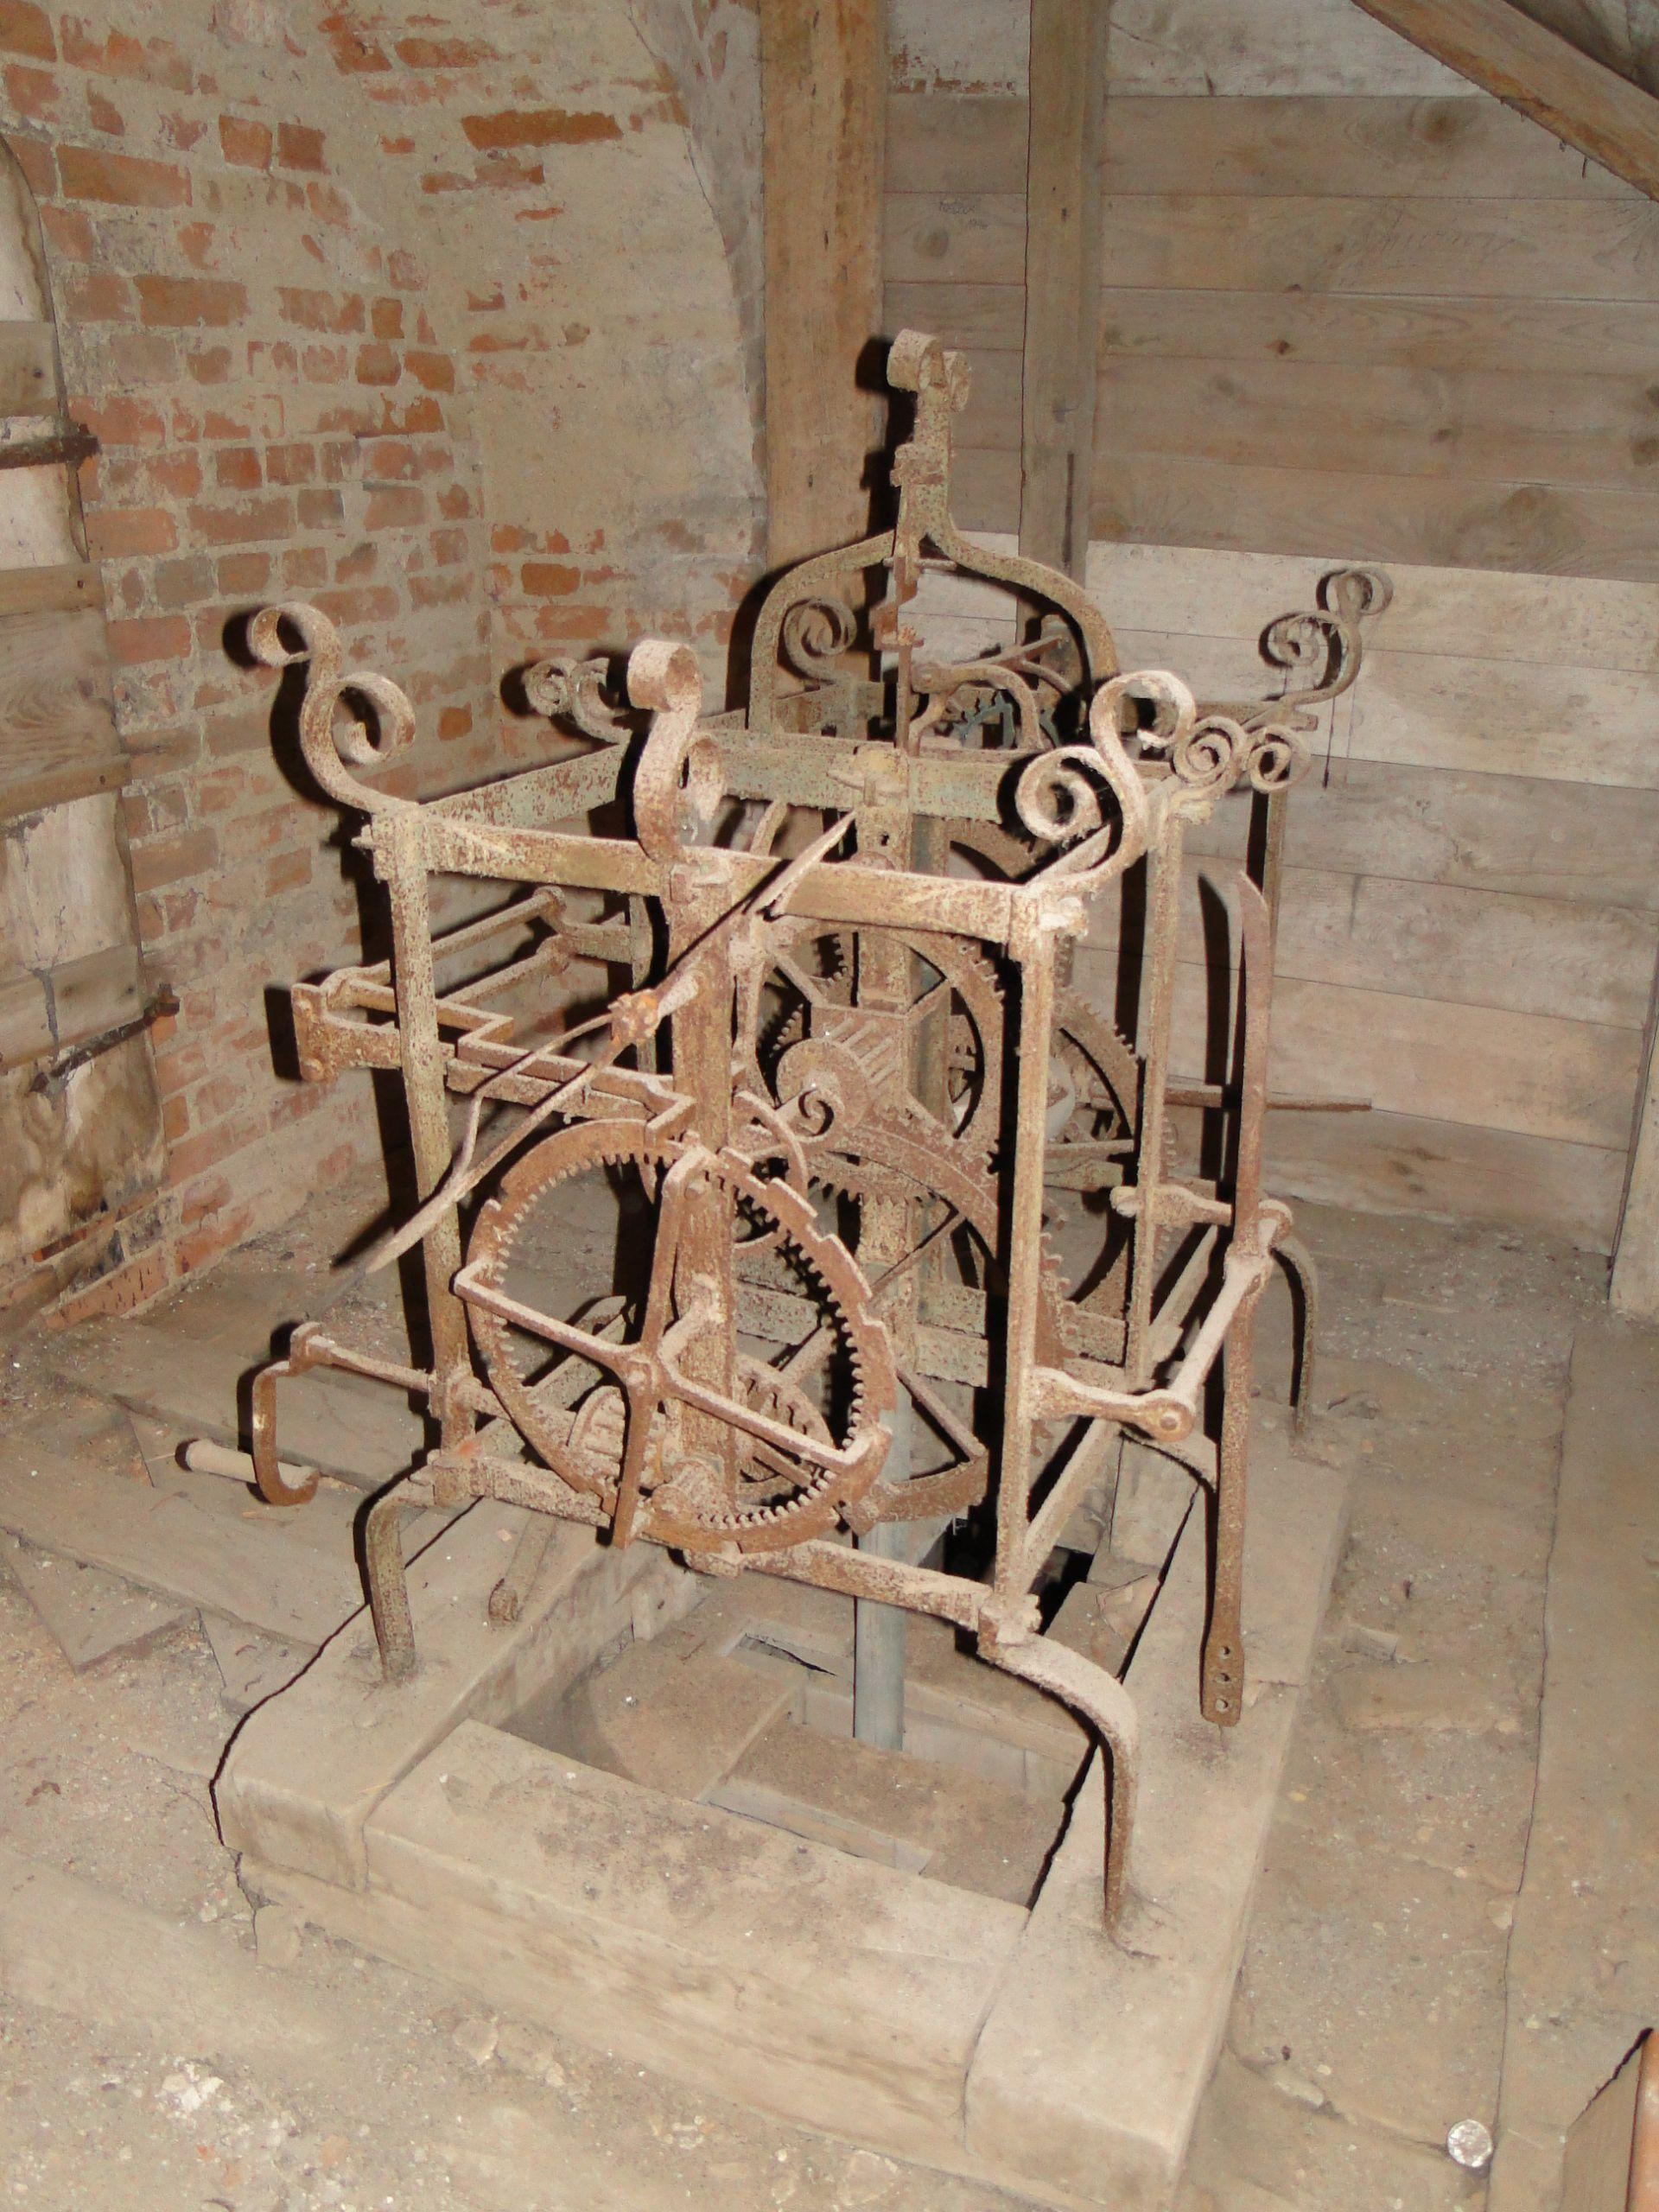 Mestlin Kirche Turm Uhrwerk 2012 10 11 089 JPG